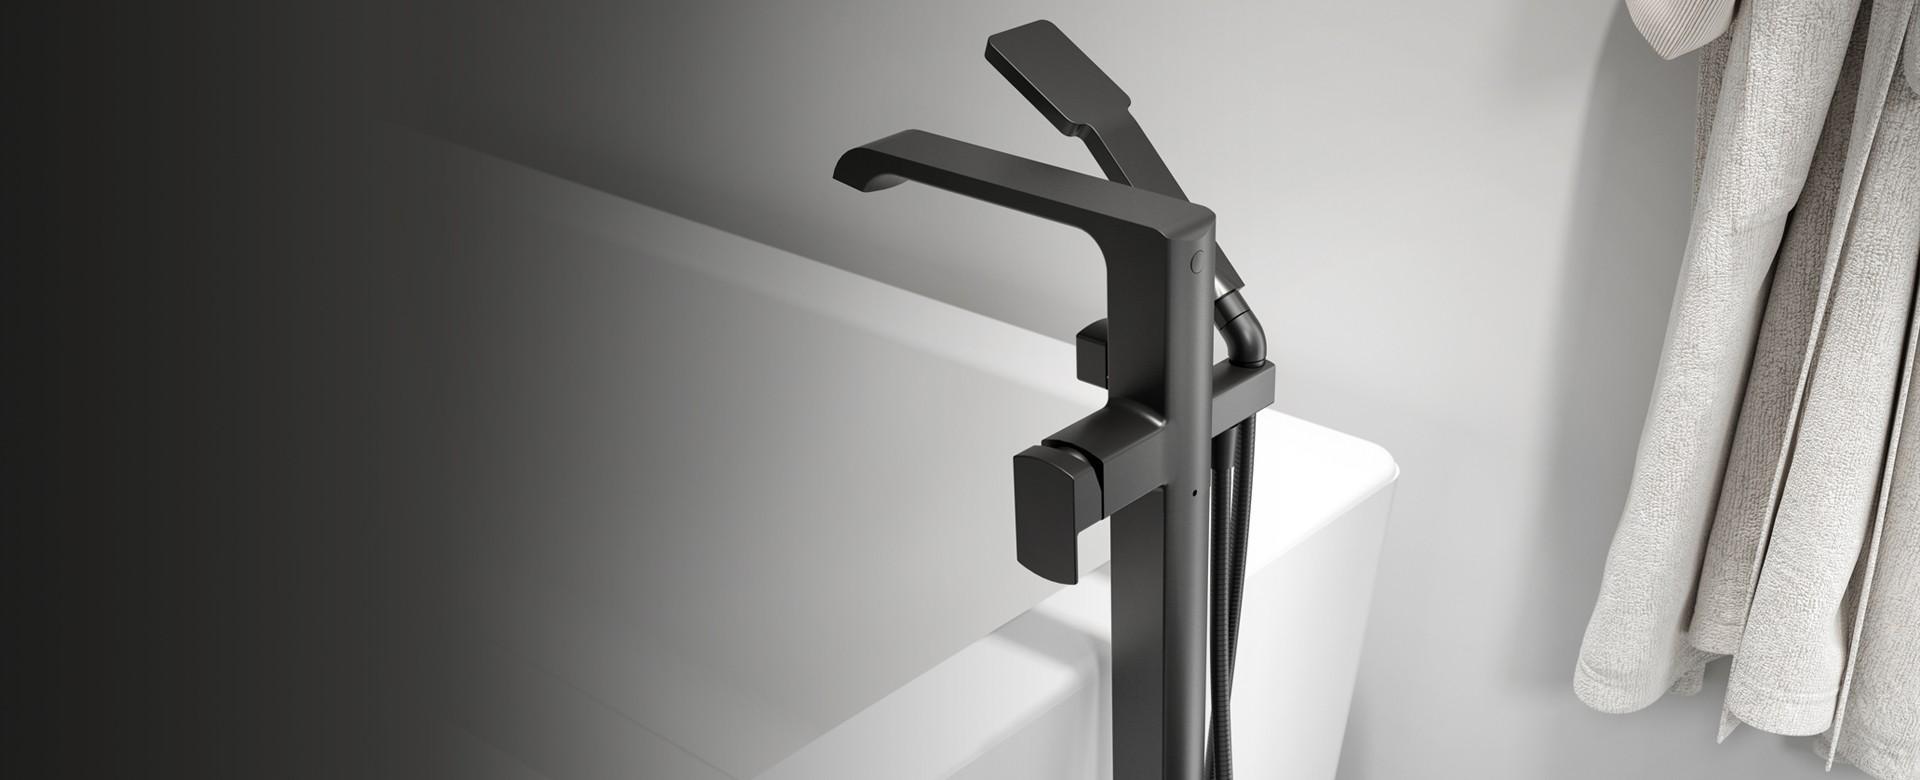 bathroom-faucets-grafik